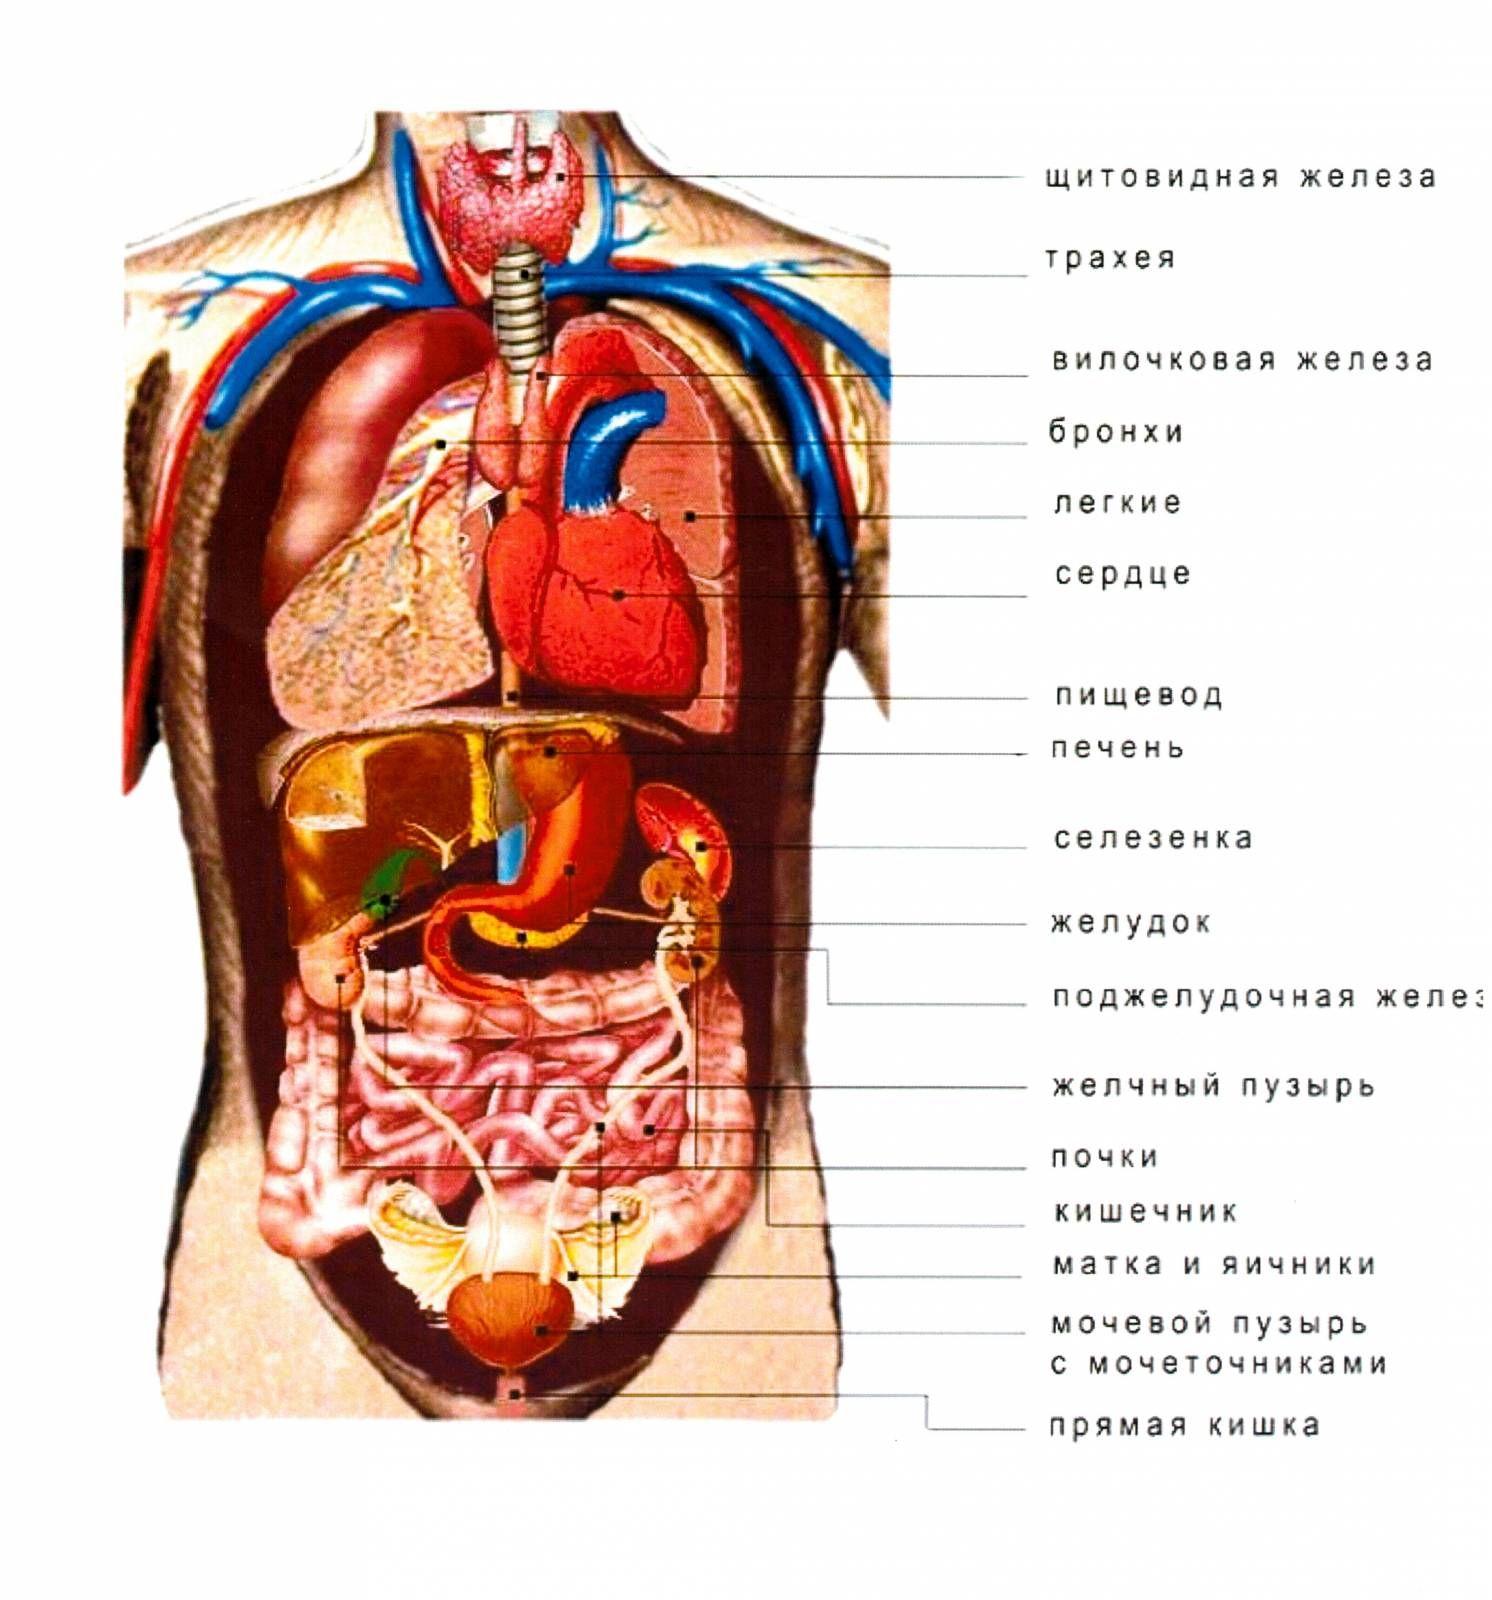 Анатомия картинки органы, открытку